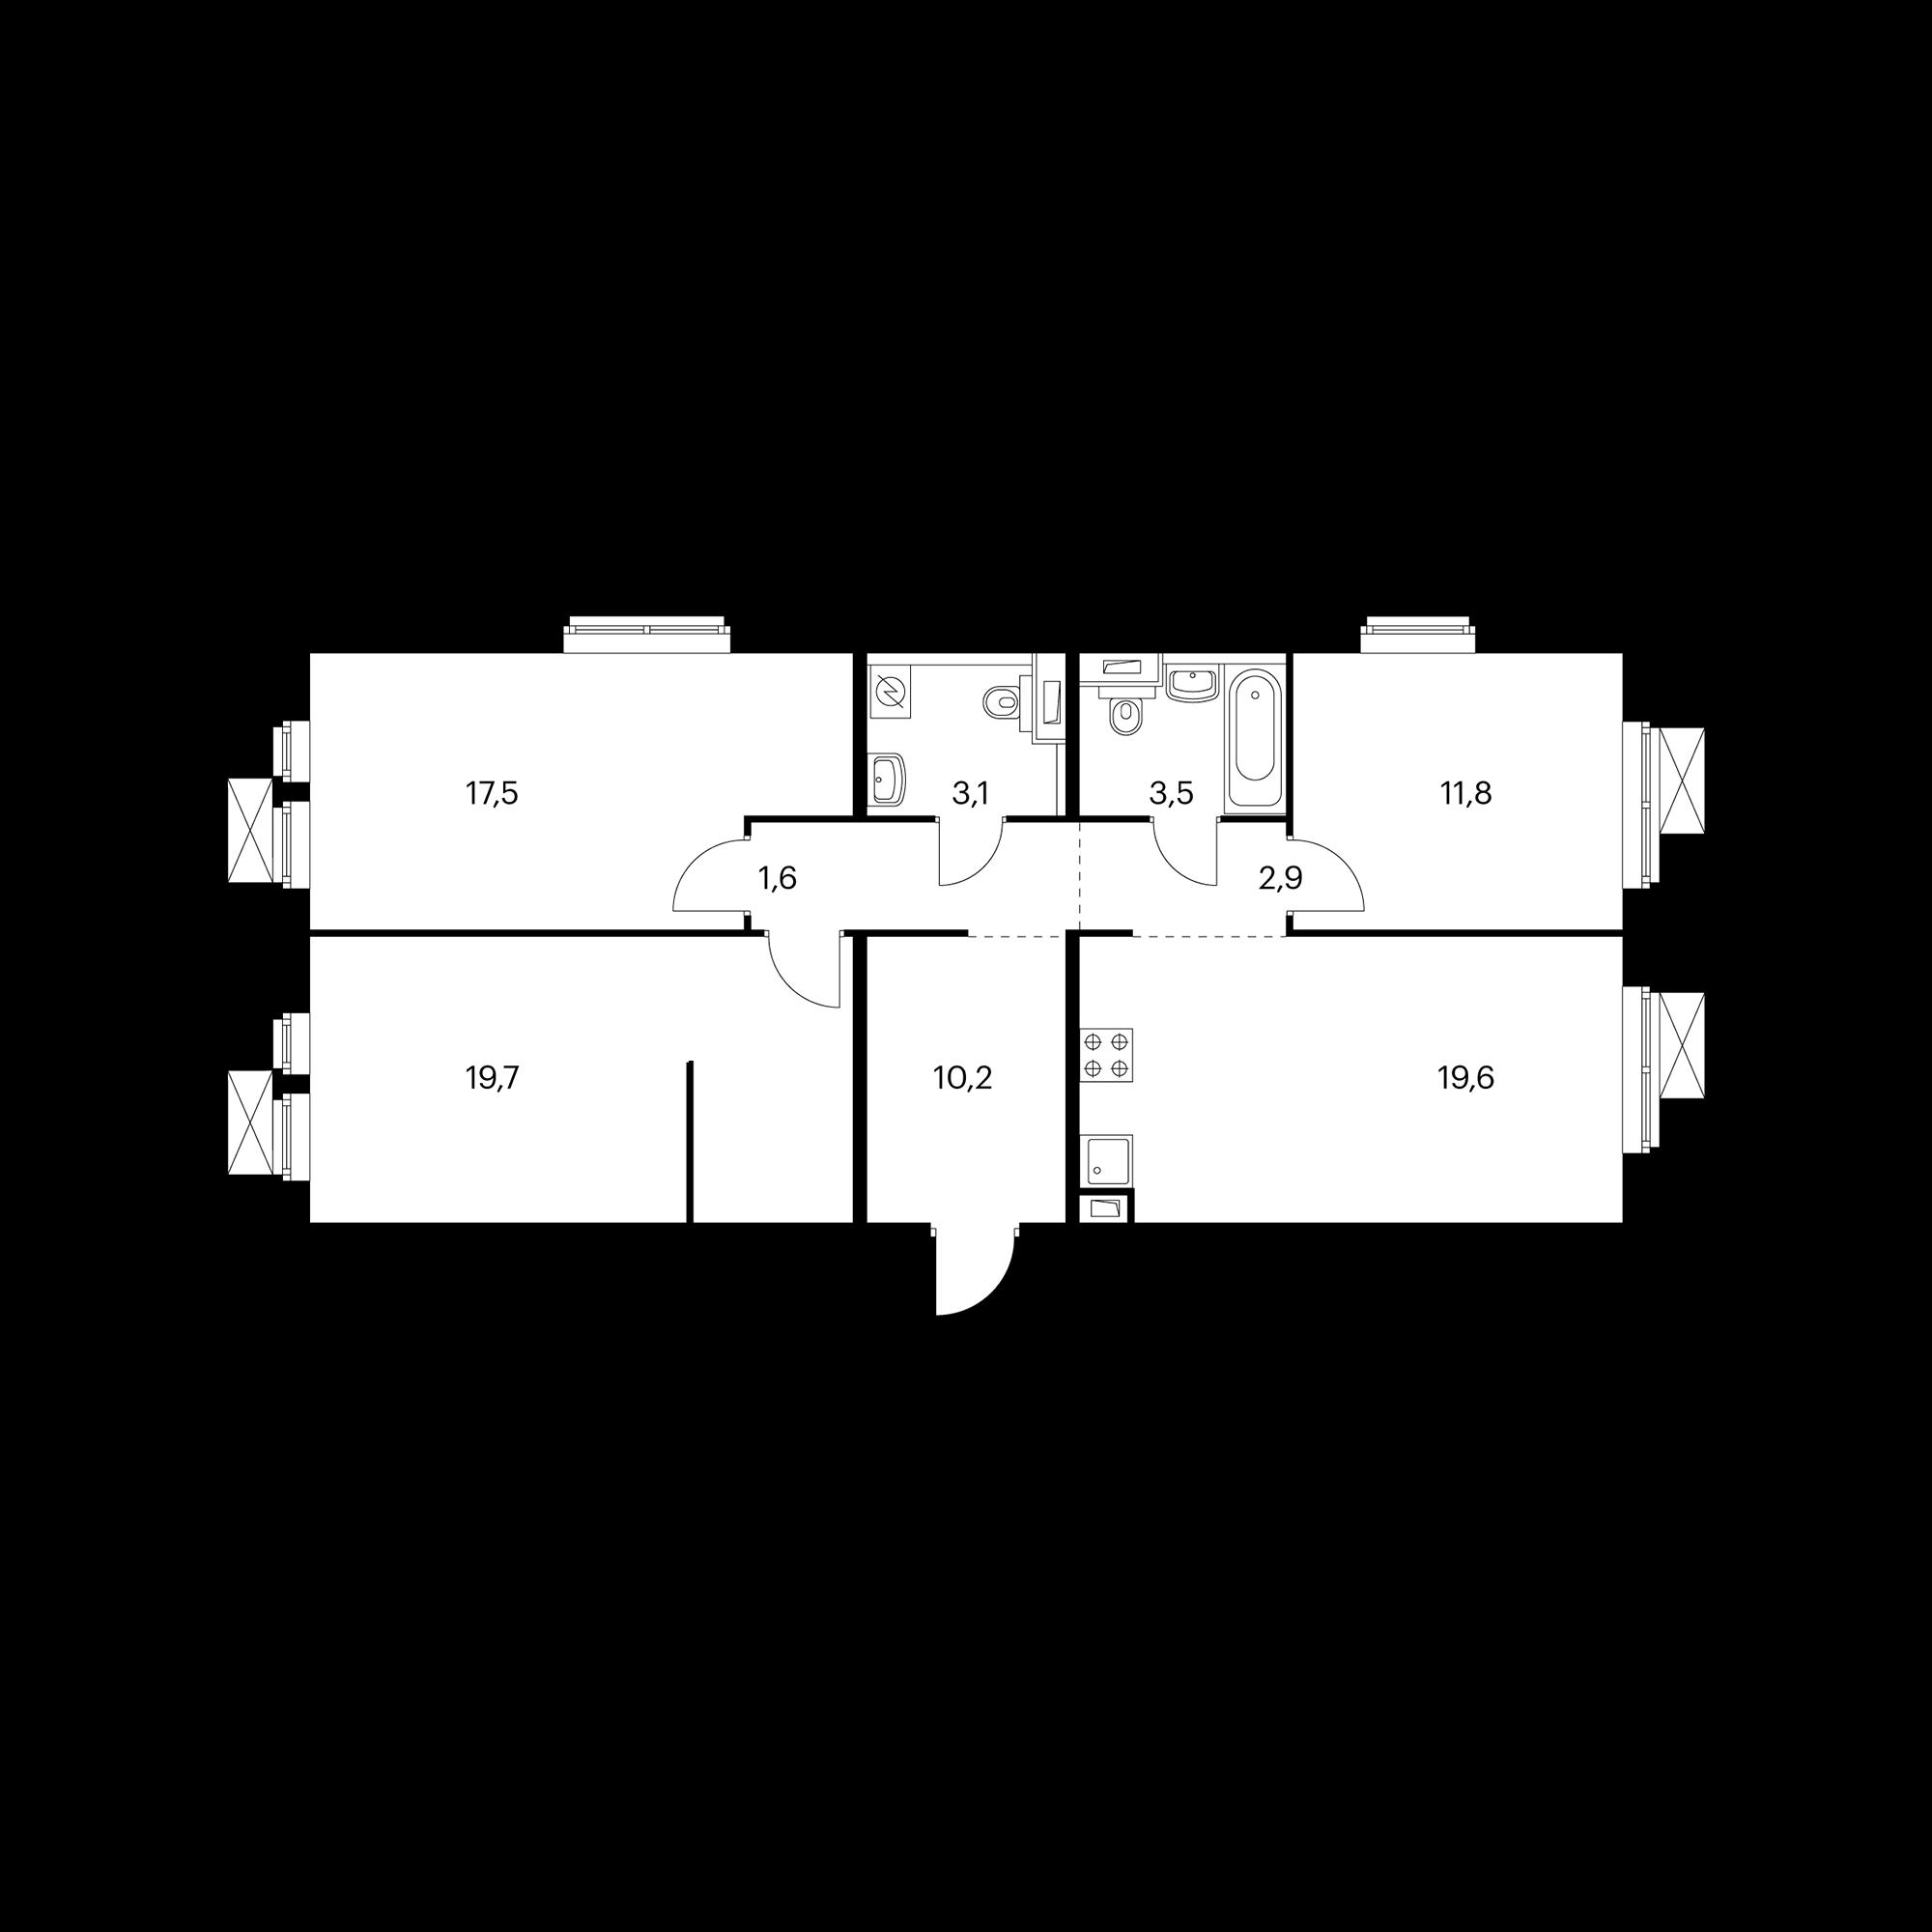 3EL11_6.6-1_S_A